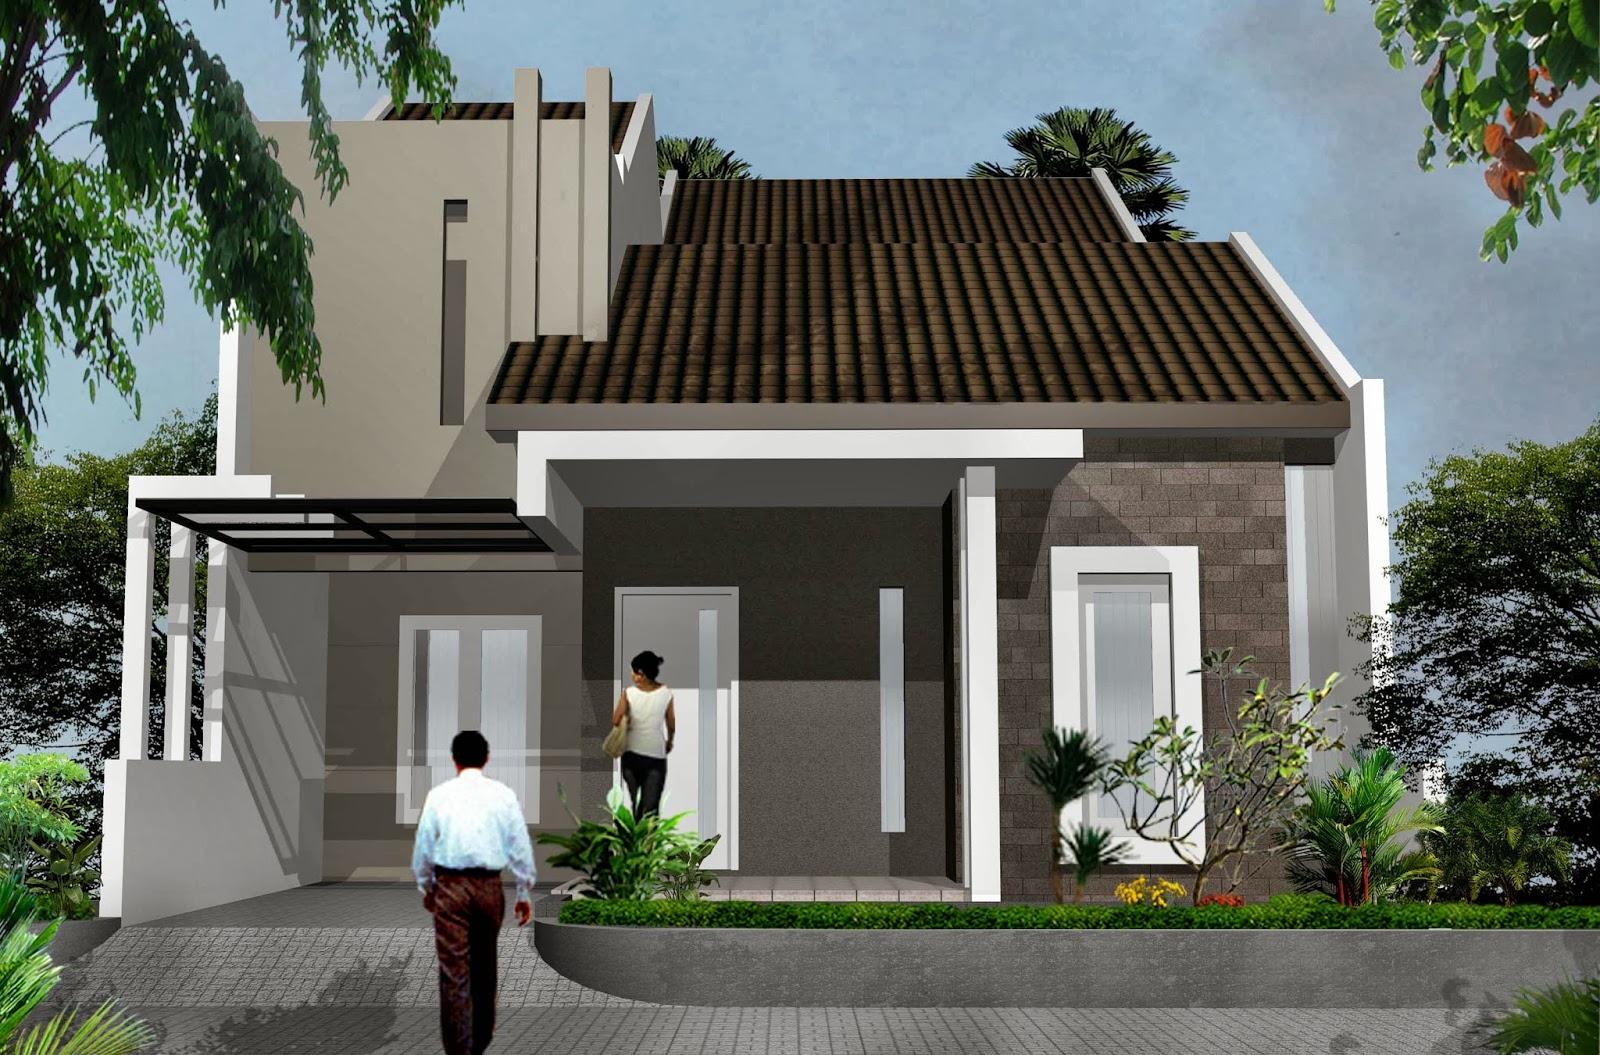 100 Contoh Foto Desain Rumah Minimalis 2 Lantai 2017 Terbaru